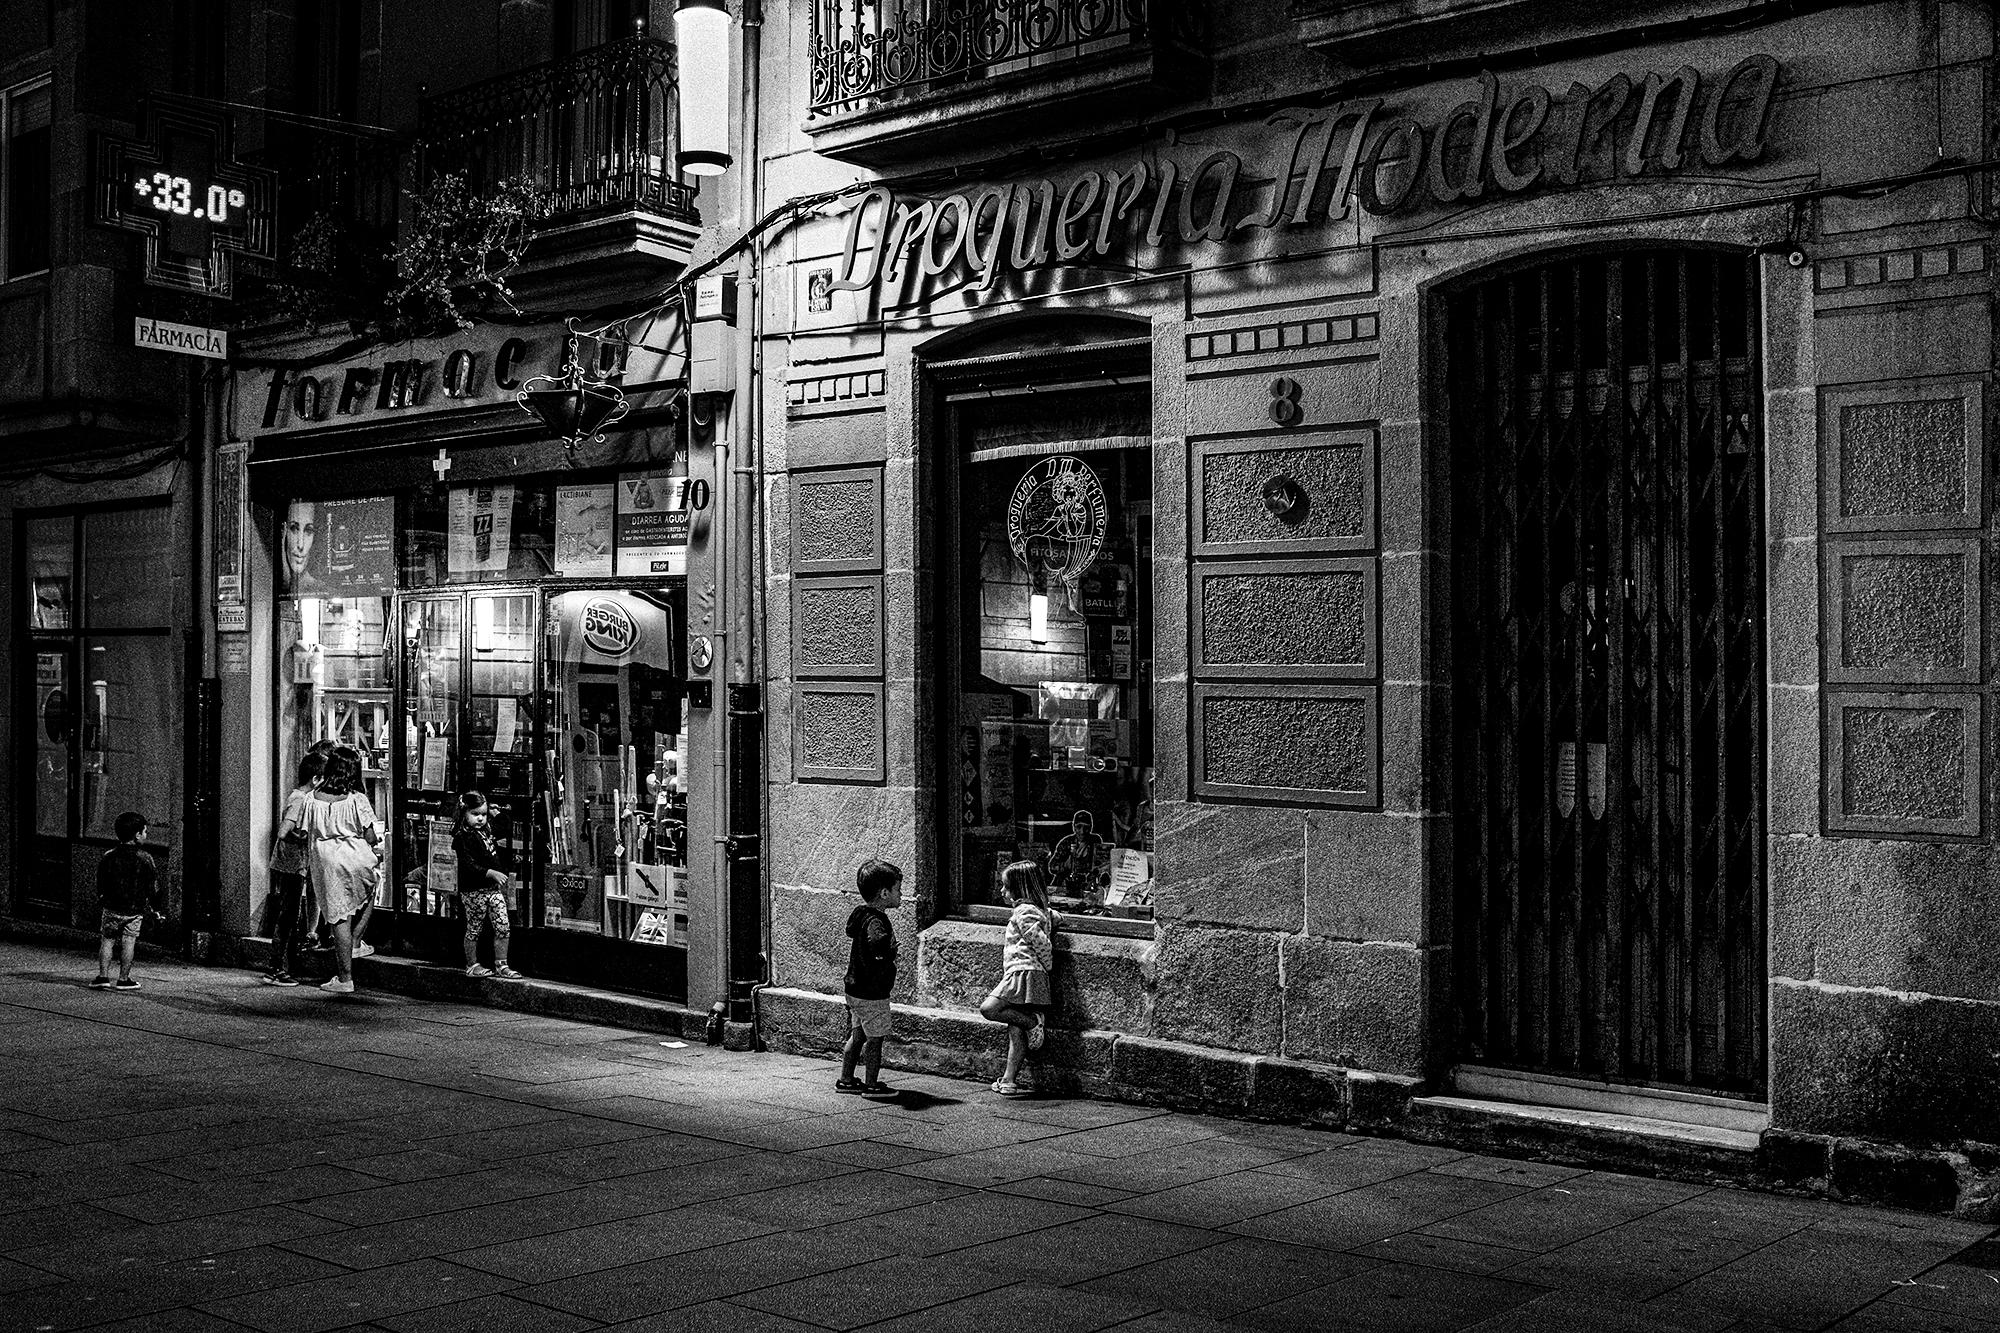 © Rodrigo Cabral Pontevedra 2019